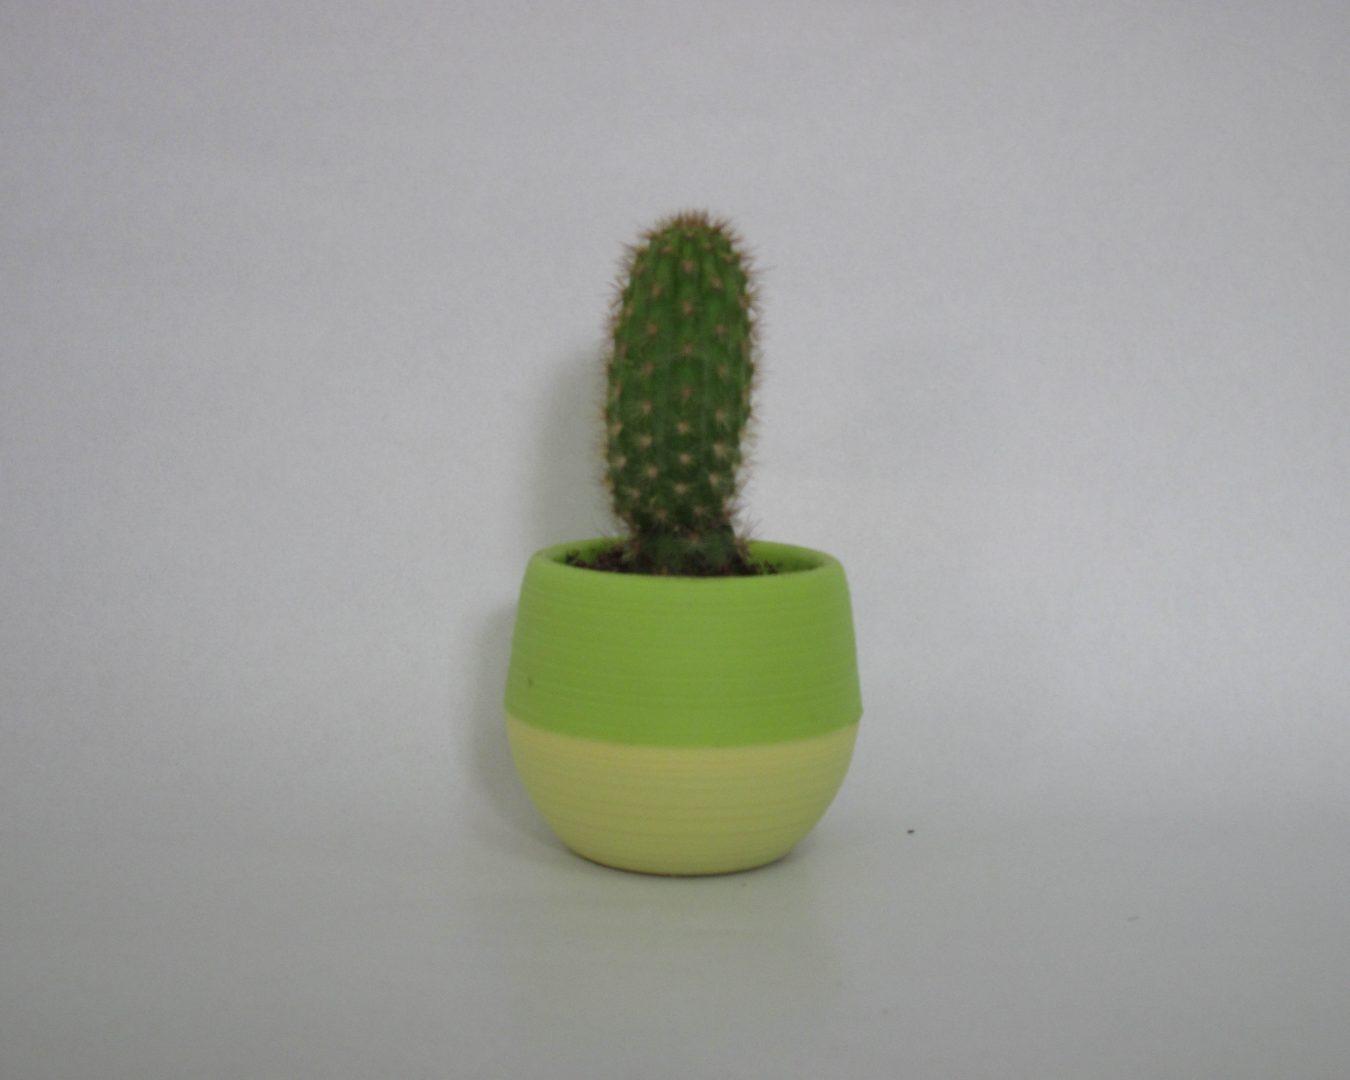 الصبارة العاشرة - Cactus